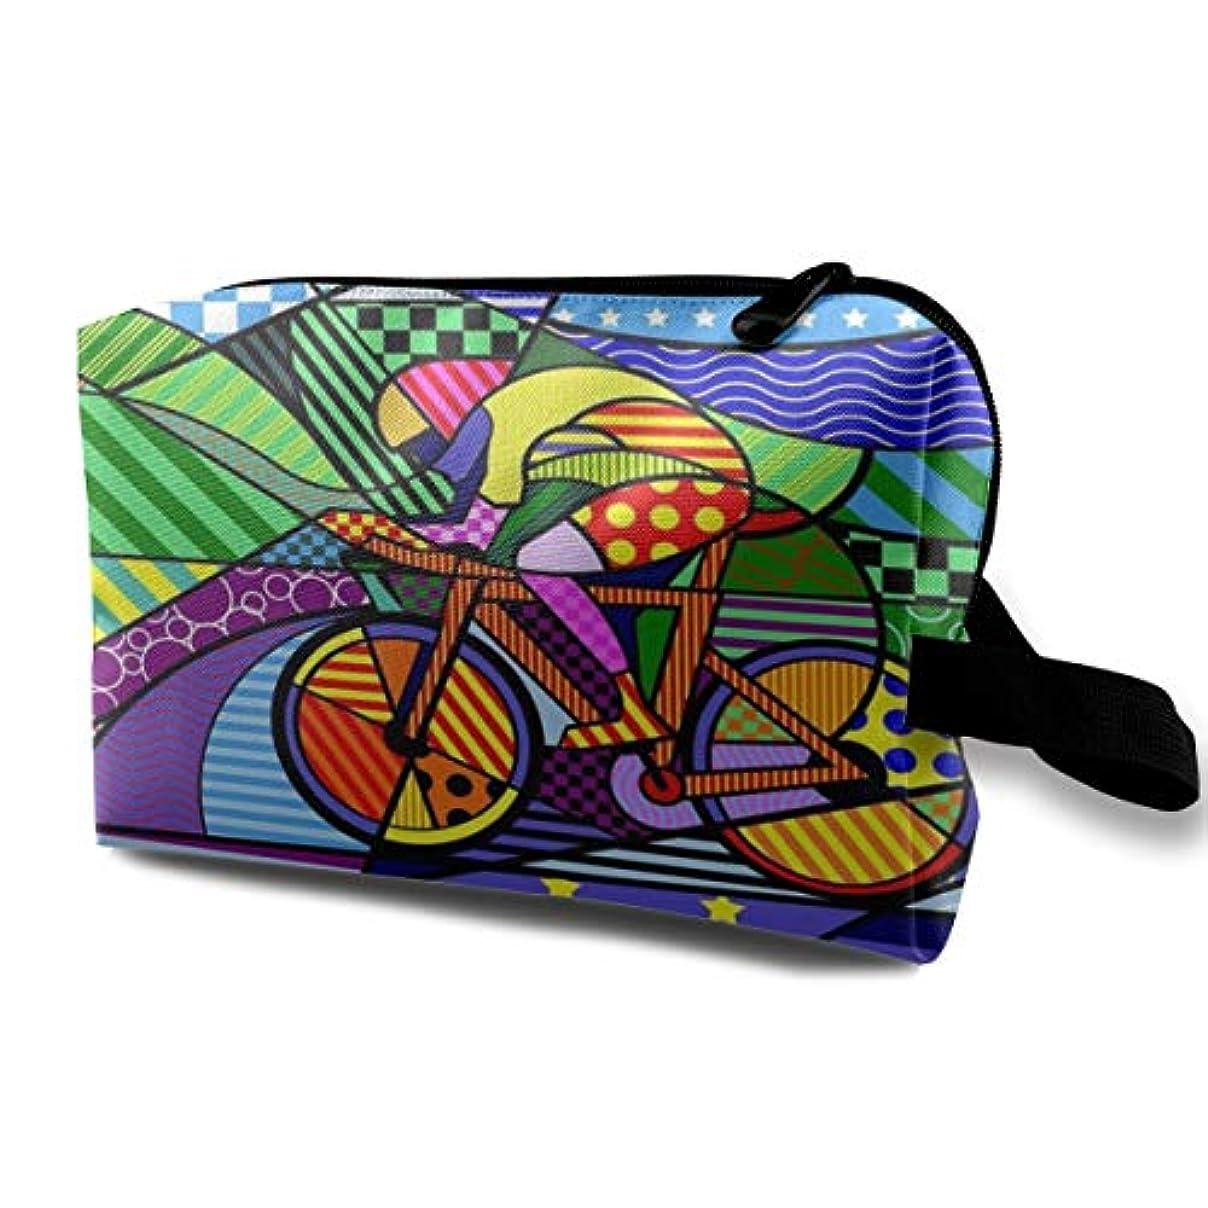 大混乱結核最小化するColorful Bicycle Paiting 収納ポーチ 化粧ポーチ 大容量 軽量 耐久性 ハンドル付持ち運び便利。入れ 自宅・出張・旅行・アウトドア撮影などに対応。メンズ レディース トラベルグッズ